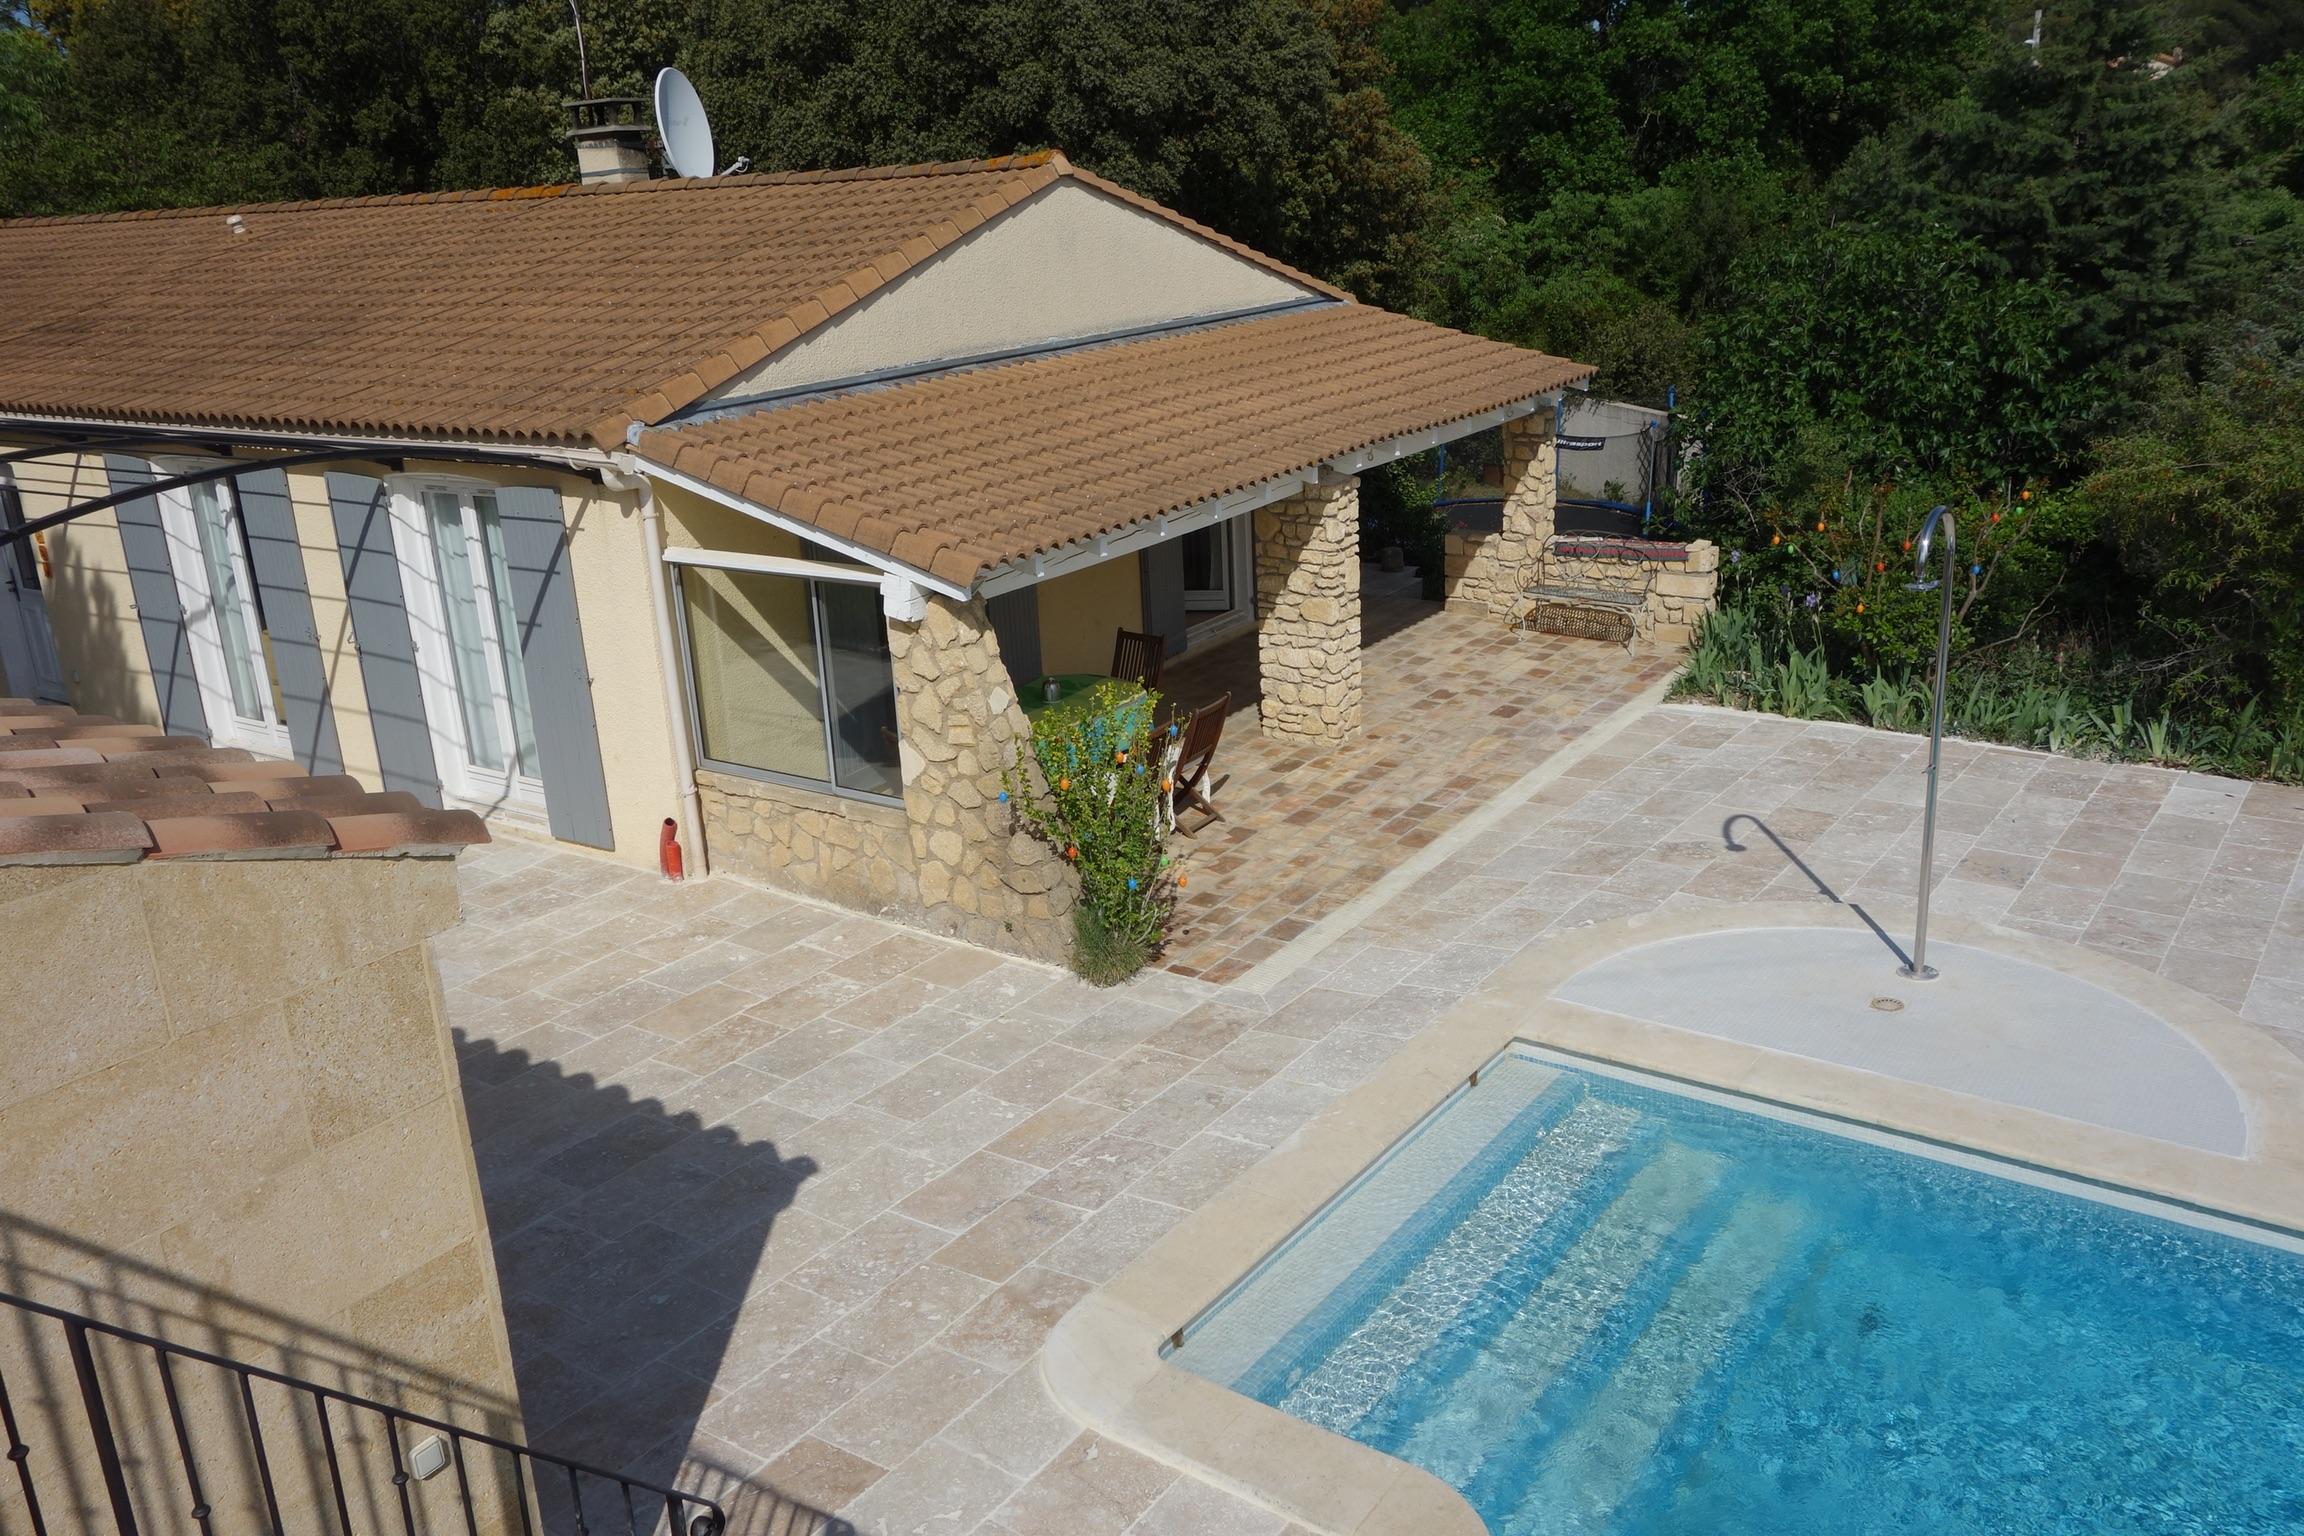 Terrassen Pool modernes haus mit separatem häuschen 3 terrassen pool und